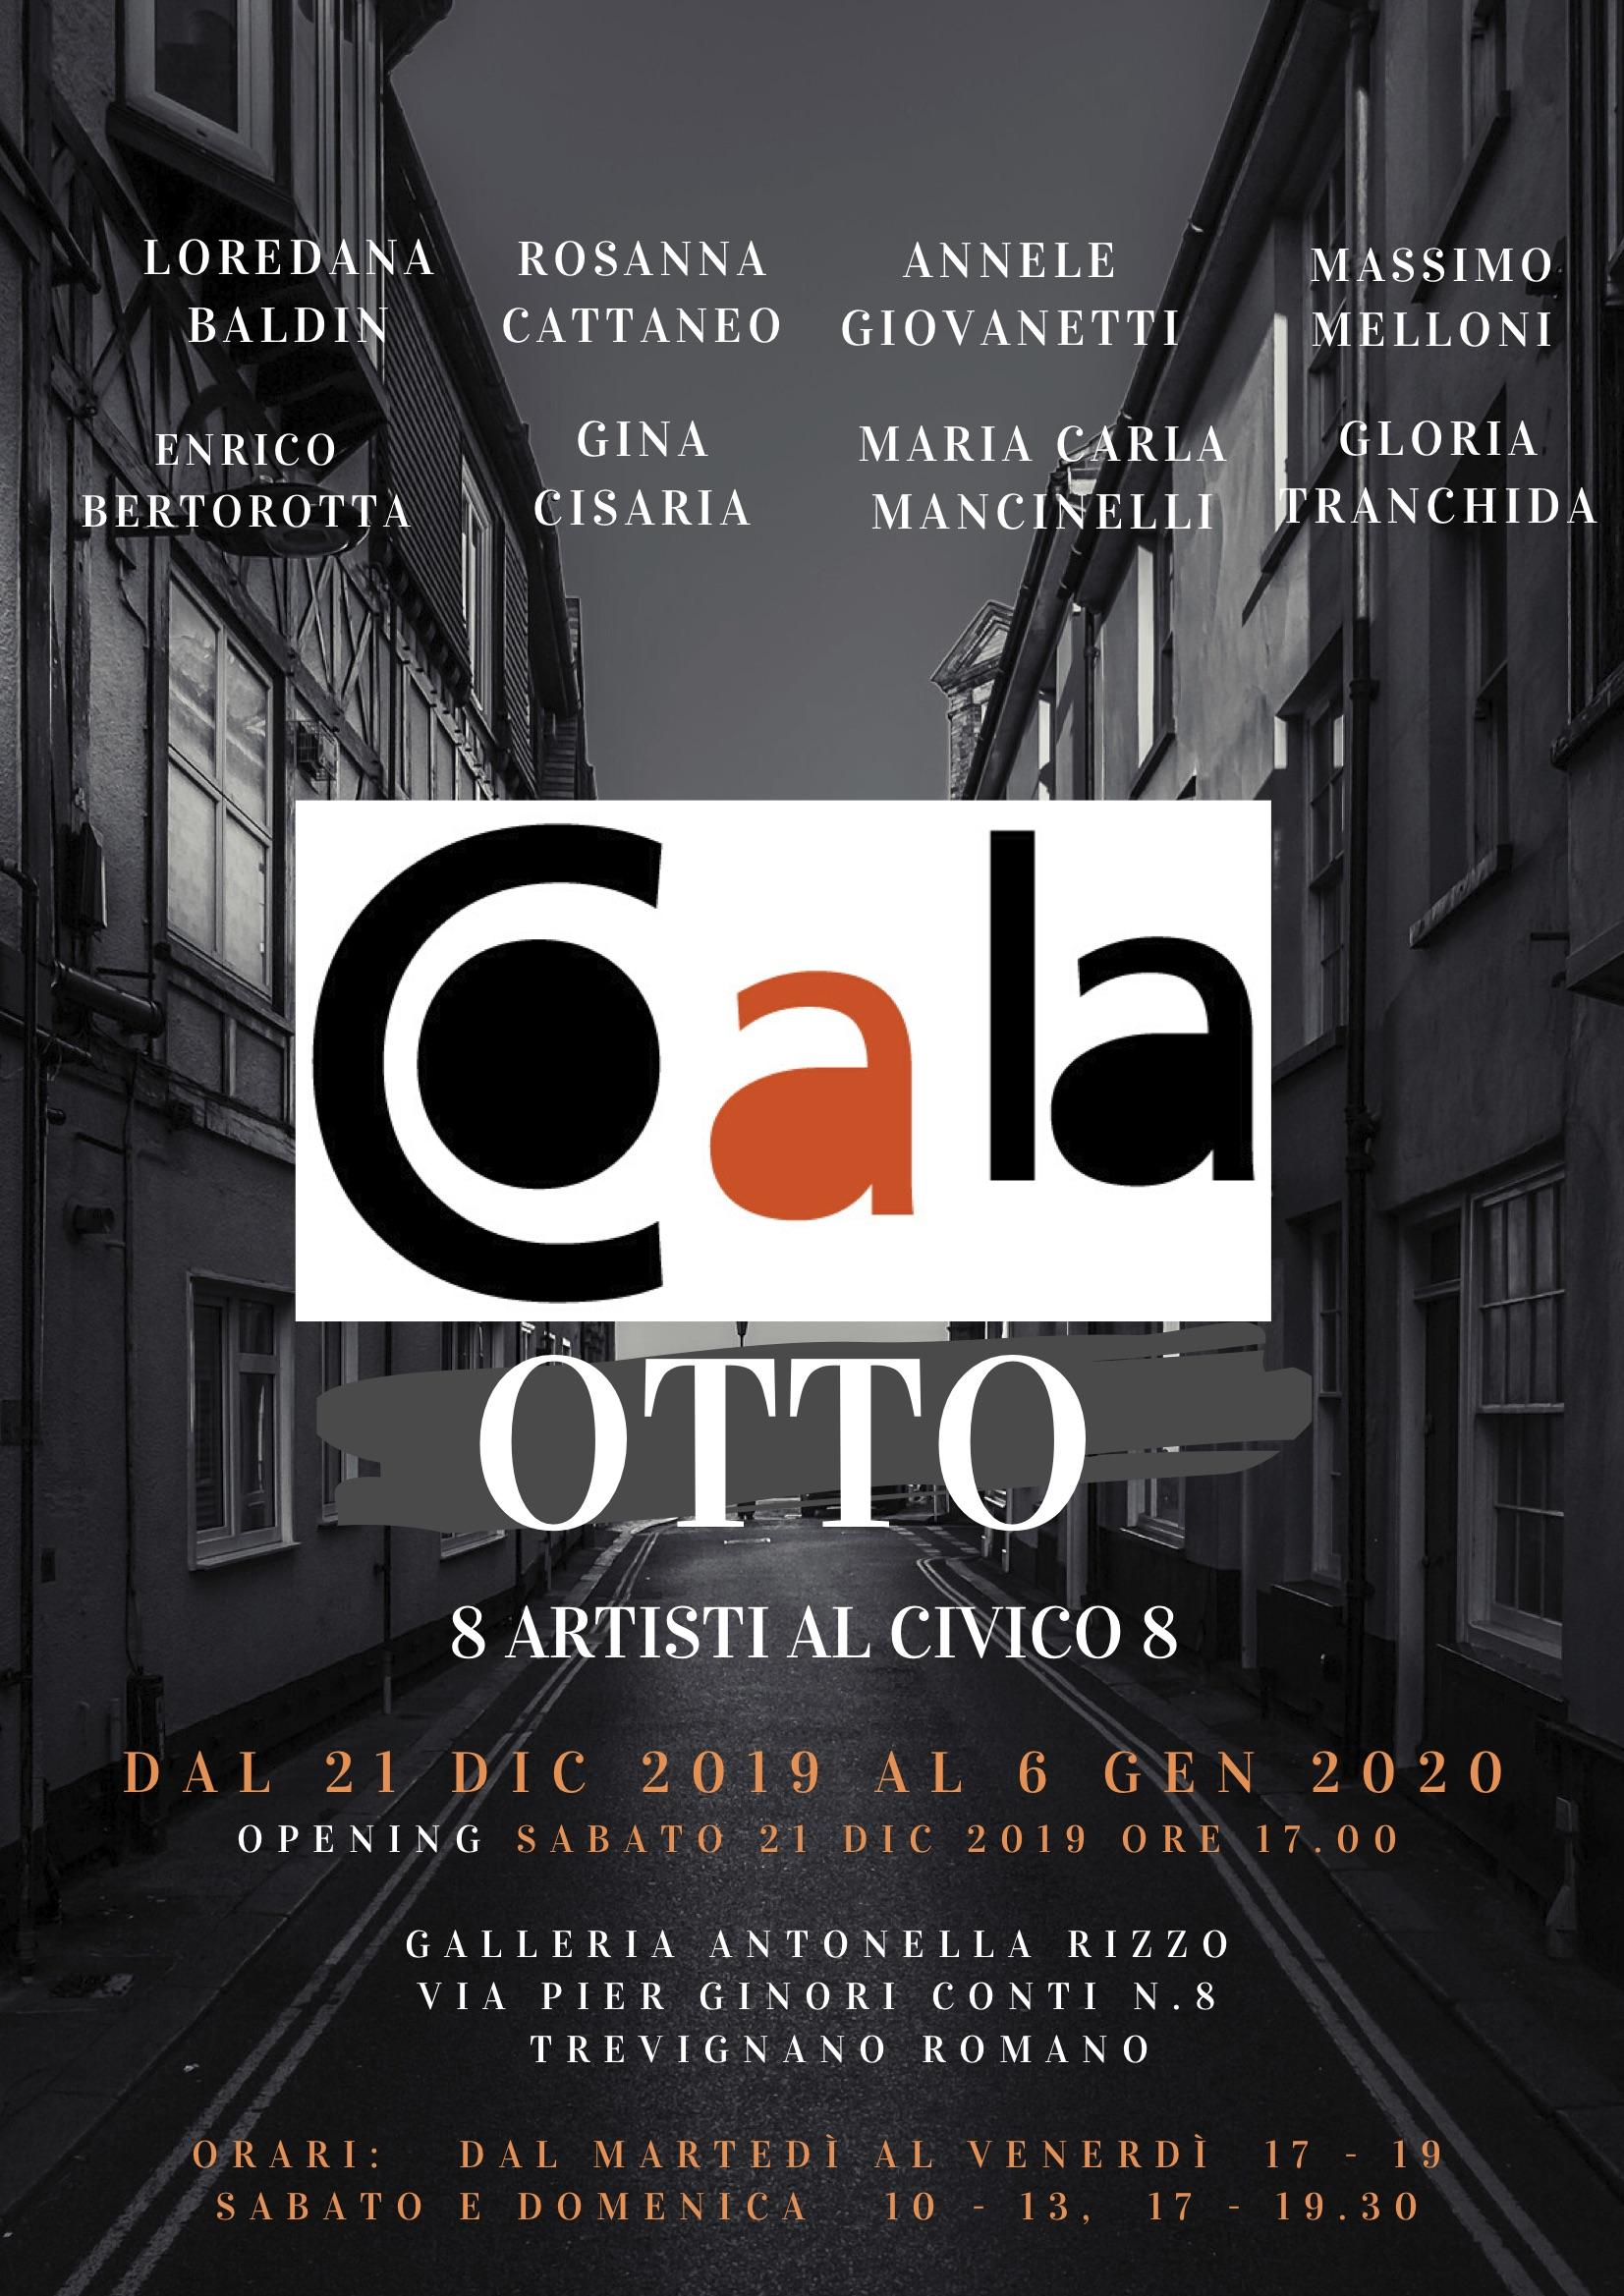 COALA OTTO Otto Artisti al Civico 8 -  2019 Trevignano Romano